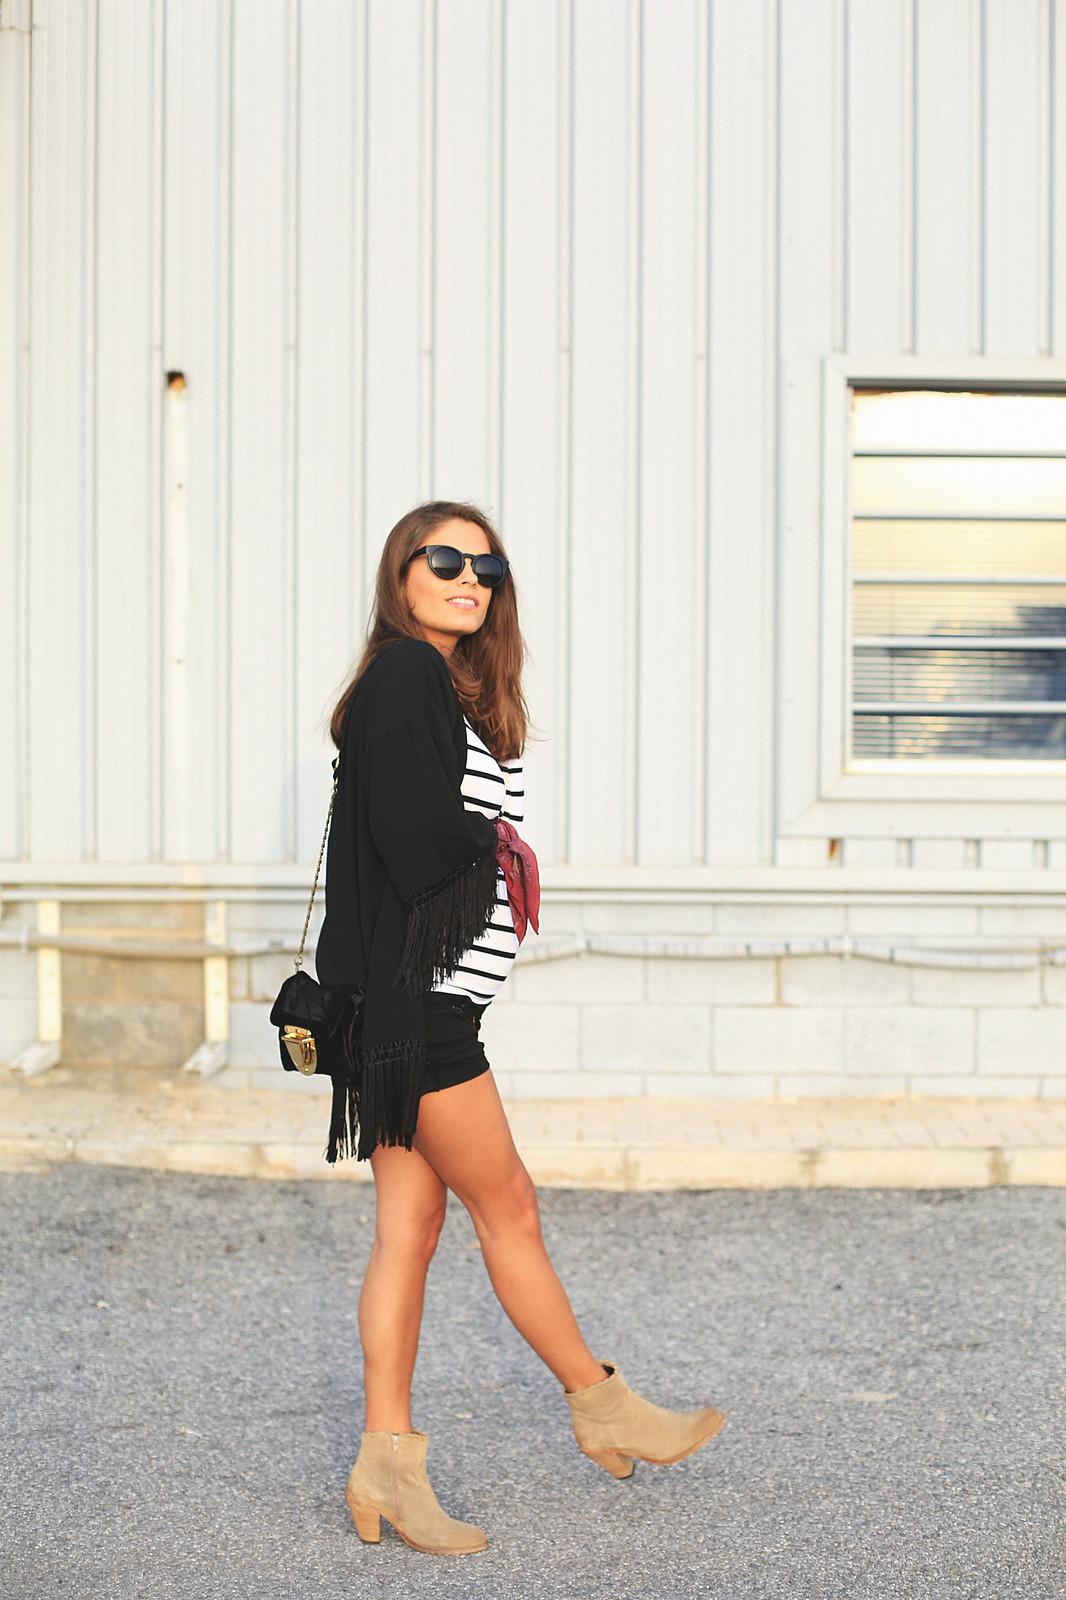 jessie_chanes_seams_for_a_desire_black_kimono_striped_top_off_shoulders_7